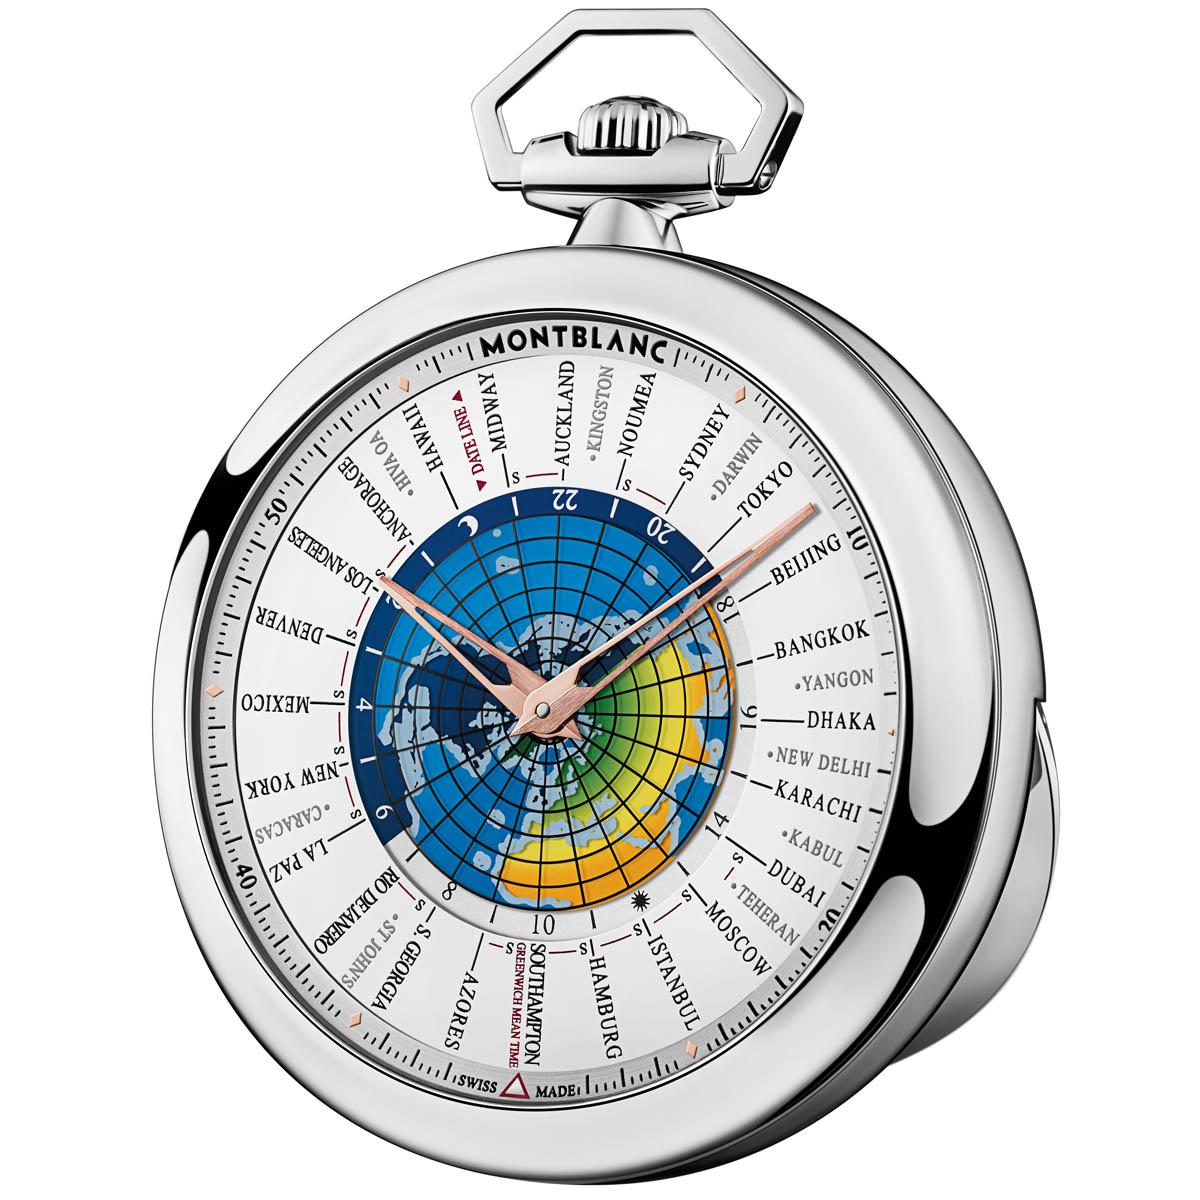 La Cote des Montres : Photo - Montblanc 4810 110 Orbis Terrarum Pocket Watch Édition Limitée